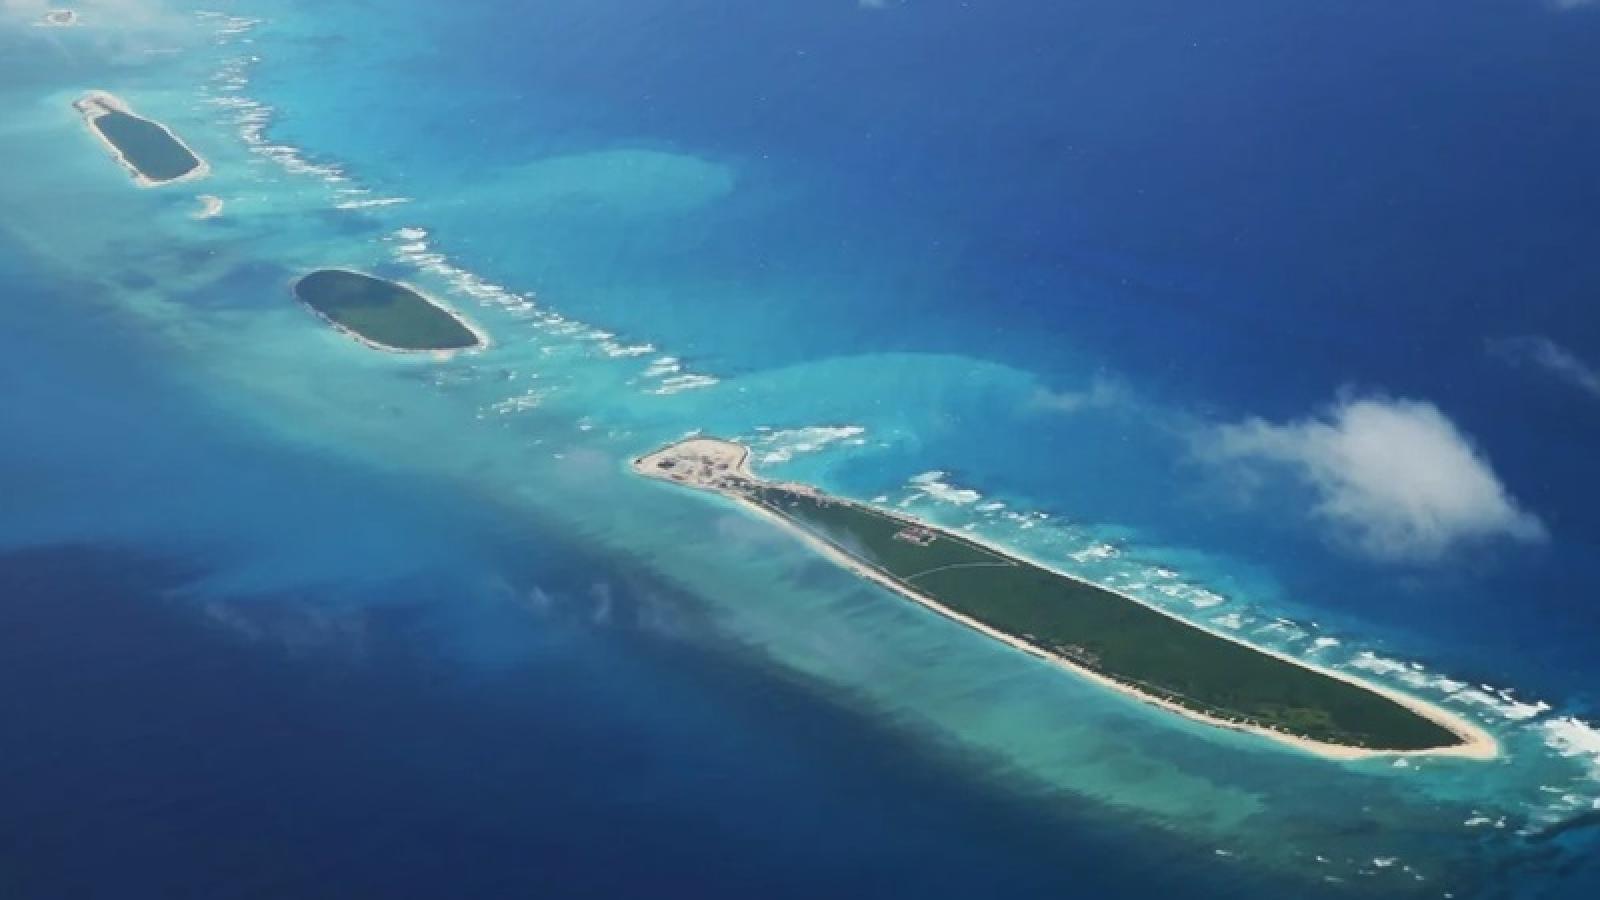 Trung Quốc có thể đối mặt với các vụ kiện liên quan đến Biển Đông